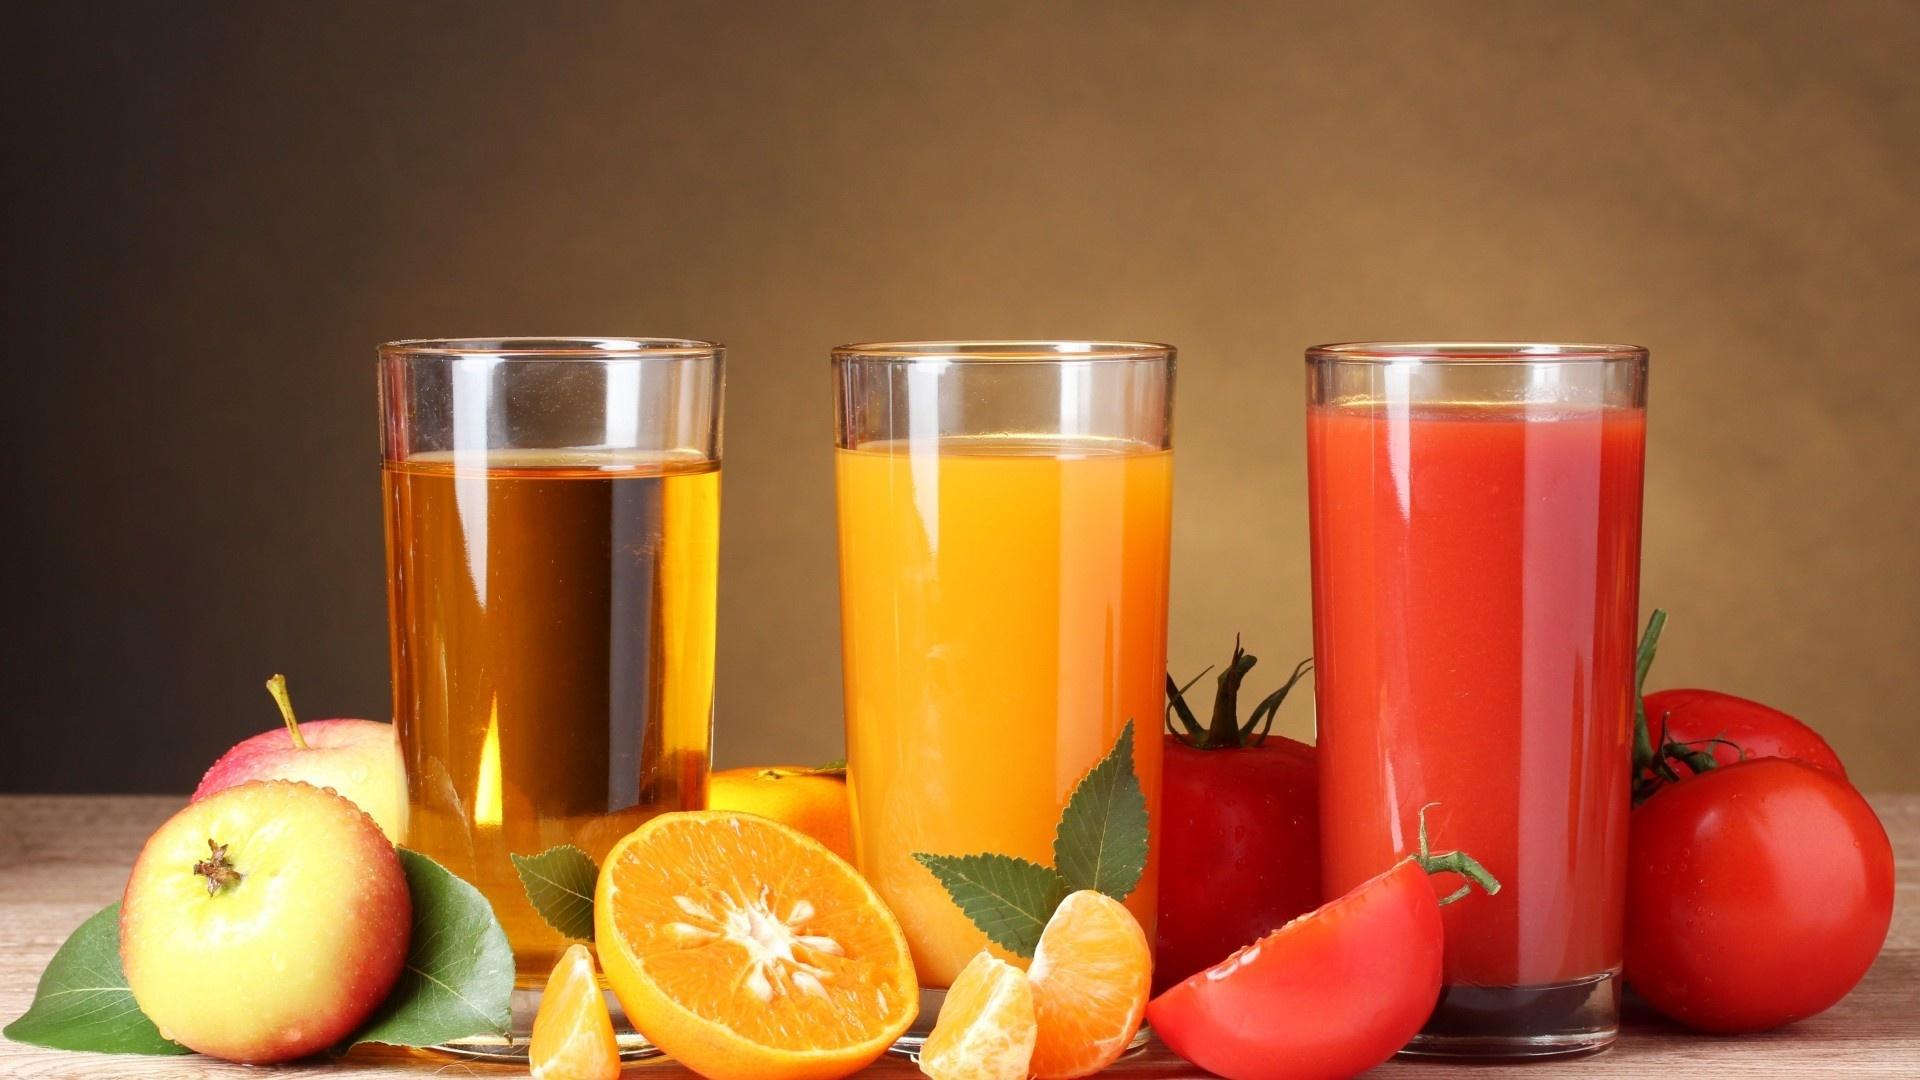 روزتان را با این نوشیدنیها آغاز کنید